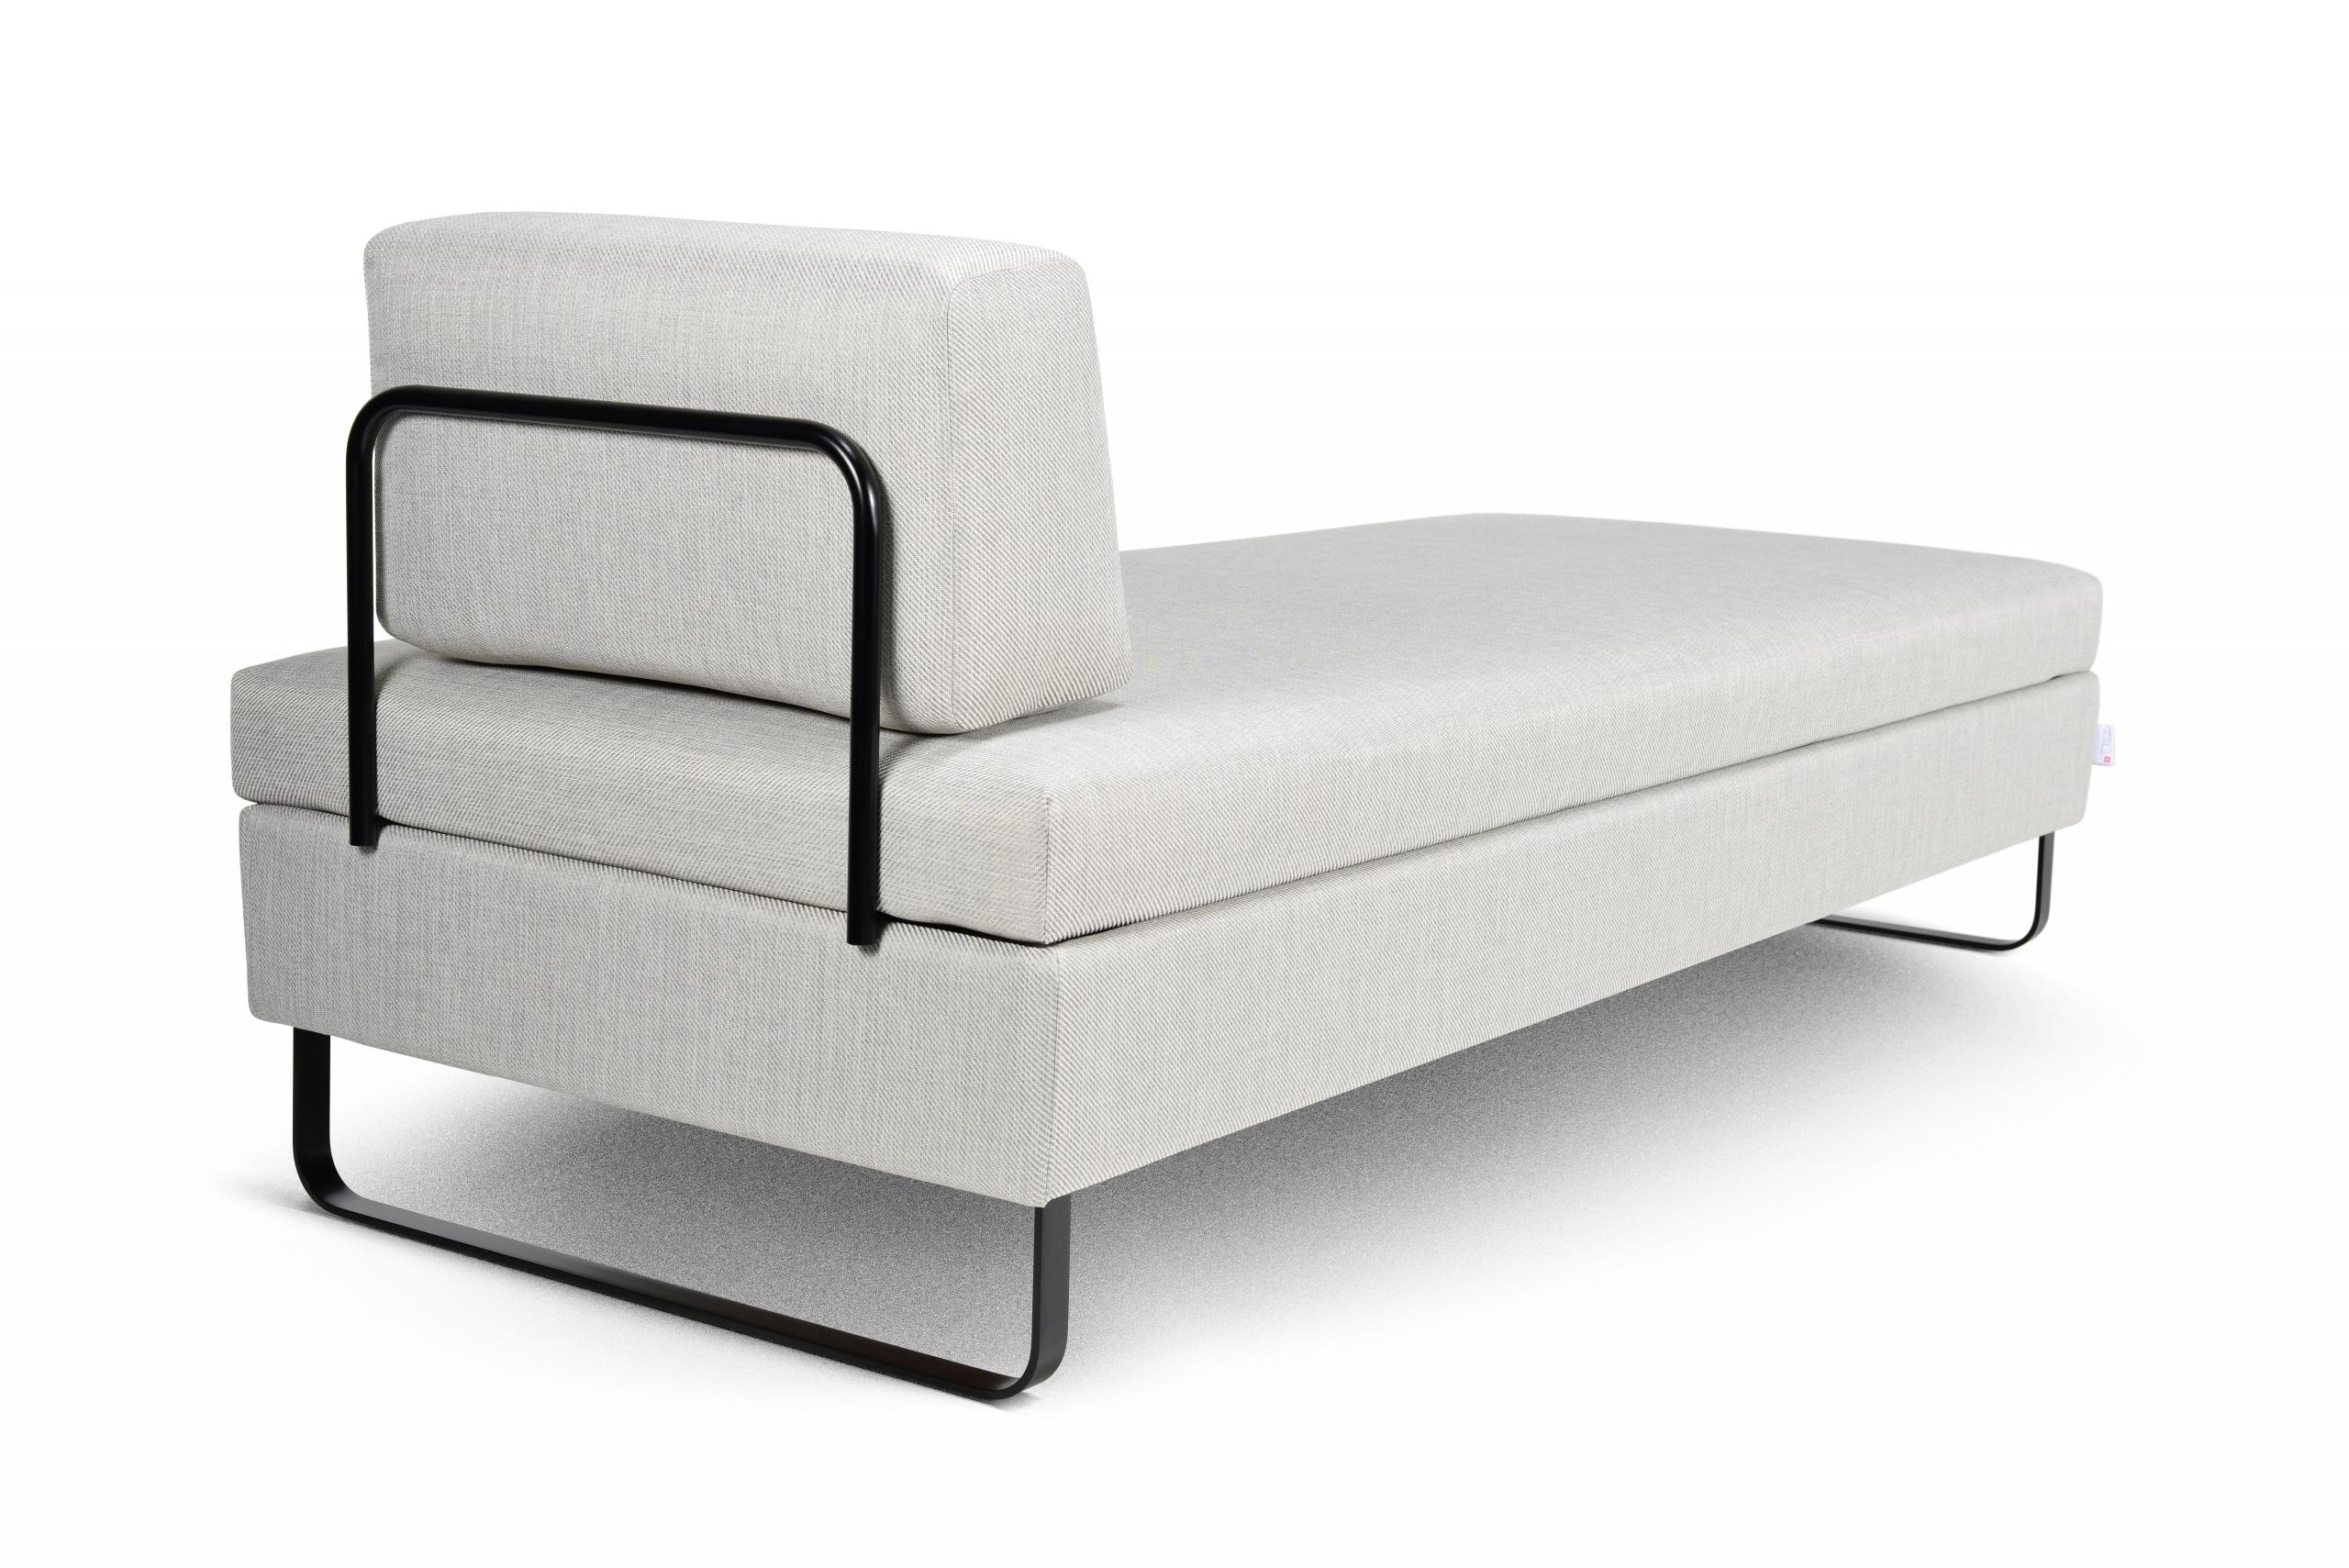 Das elegante Schlafsofa BED for LIVING Doppio in der Classic-Ausführung in weiss mit schwarzen Kufenfüssen in der Seitenansicht.